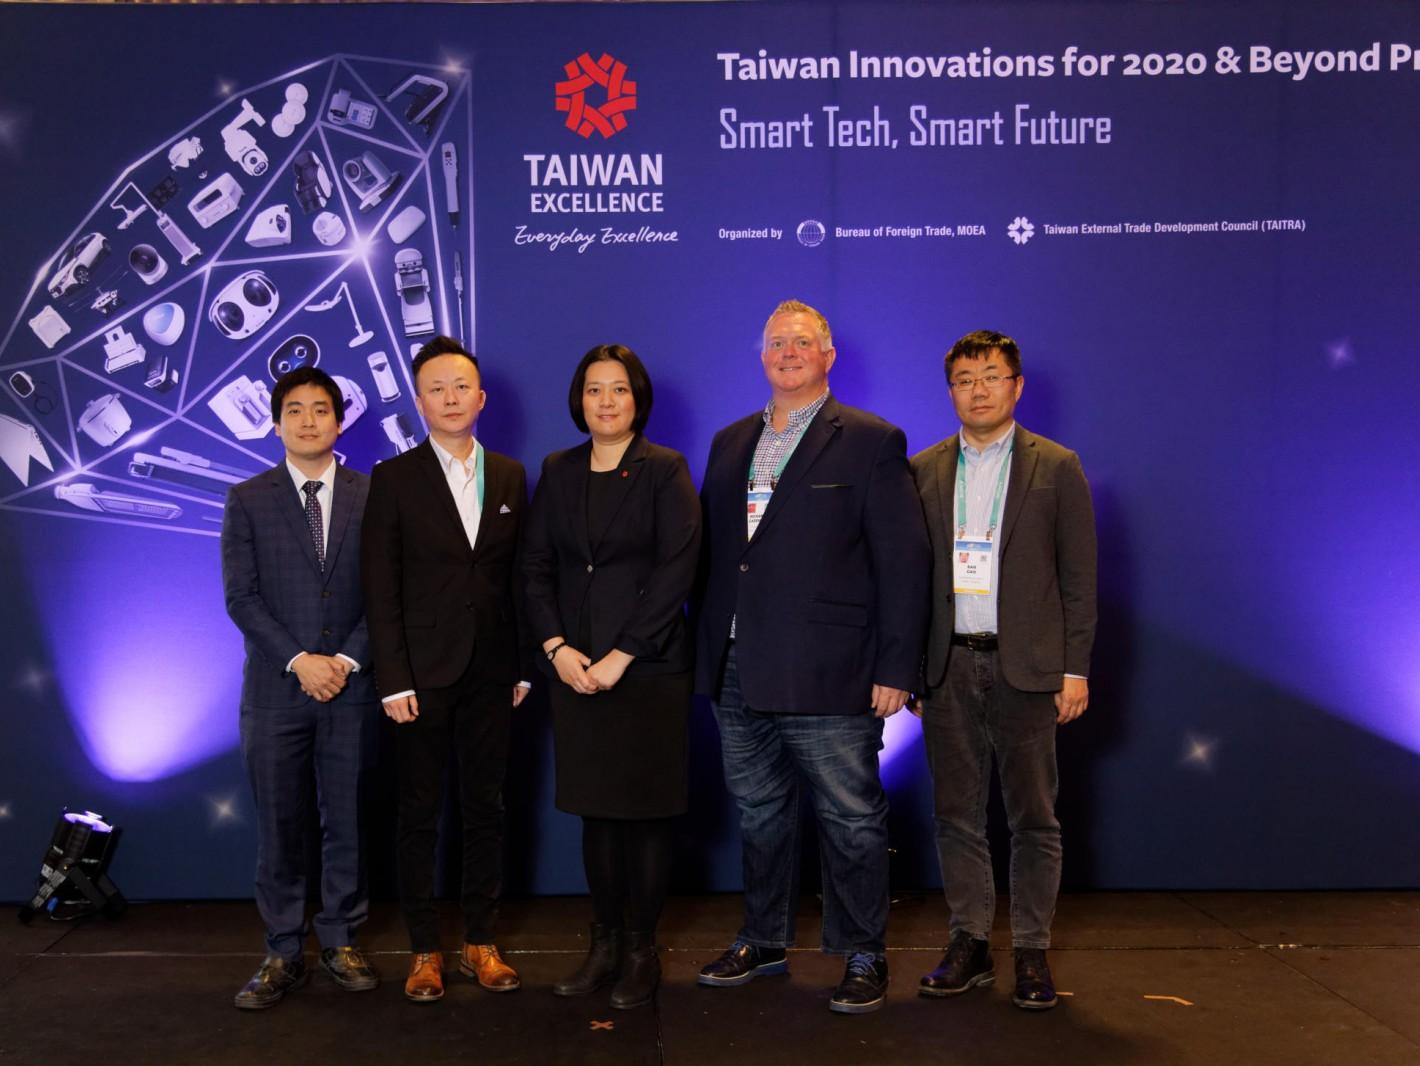 (圖一)台灣精品CES展前記者會邀請訊連、拓連、麥迪創及艾創發表創新產品